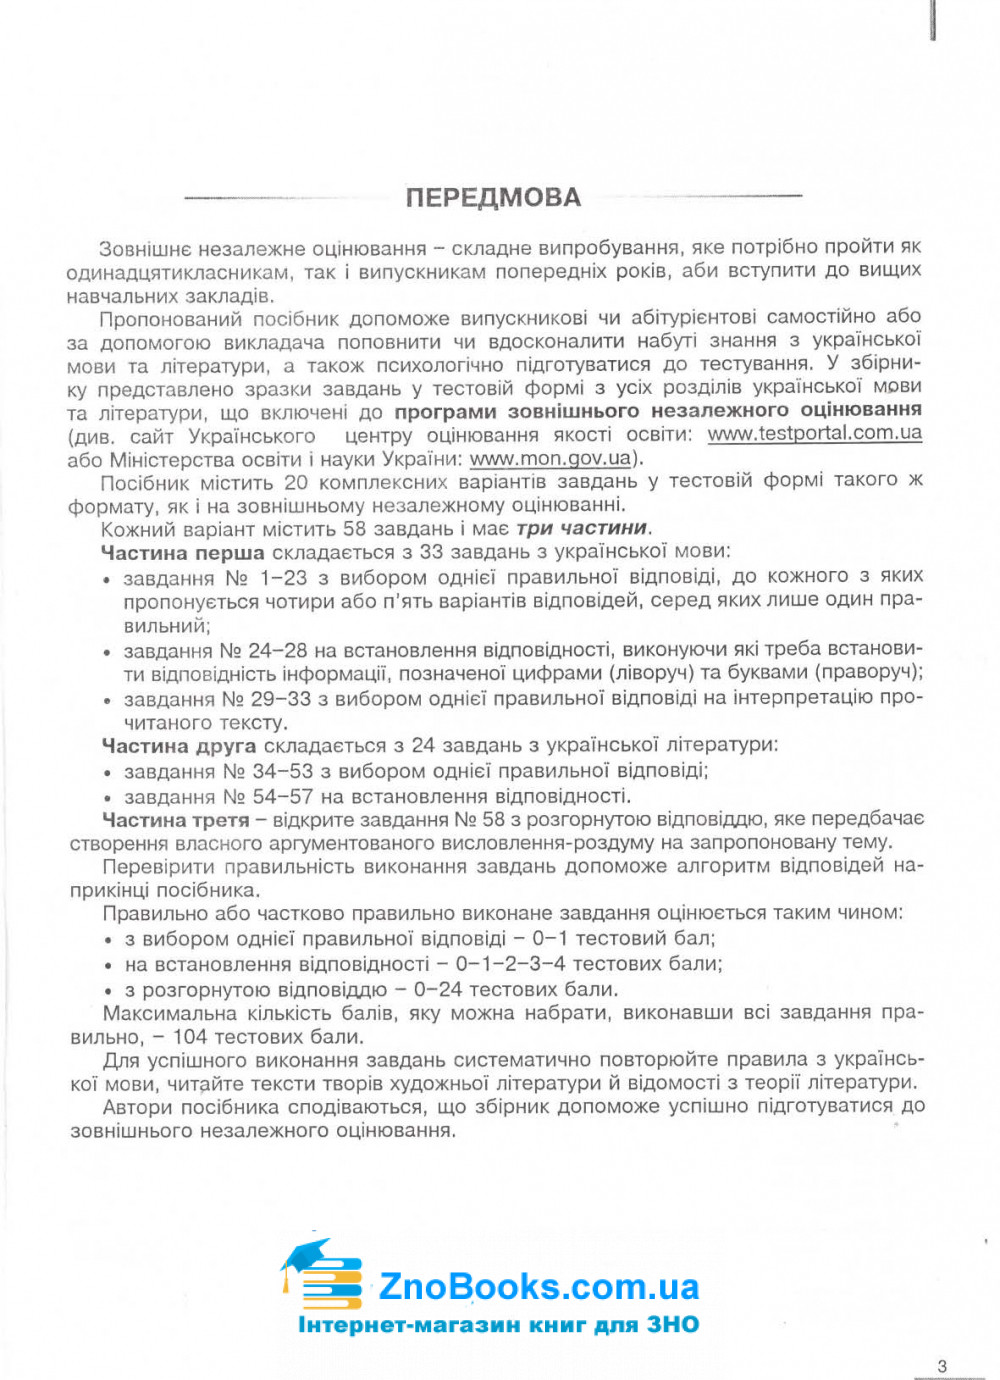 ЗНО 2020 Українська мова та література. Збірник завдань 20 варіантів: Куриліна О. Абетка 3